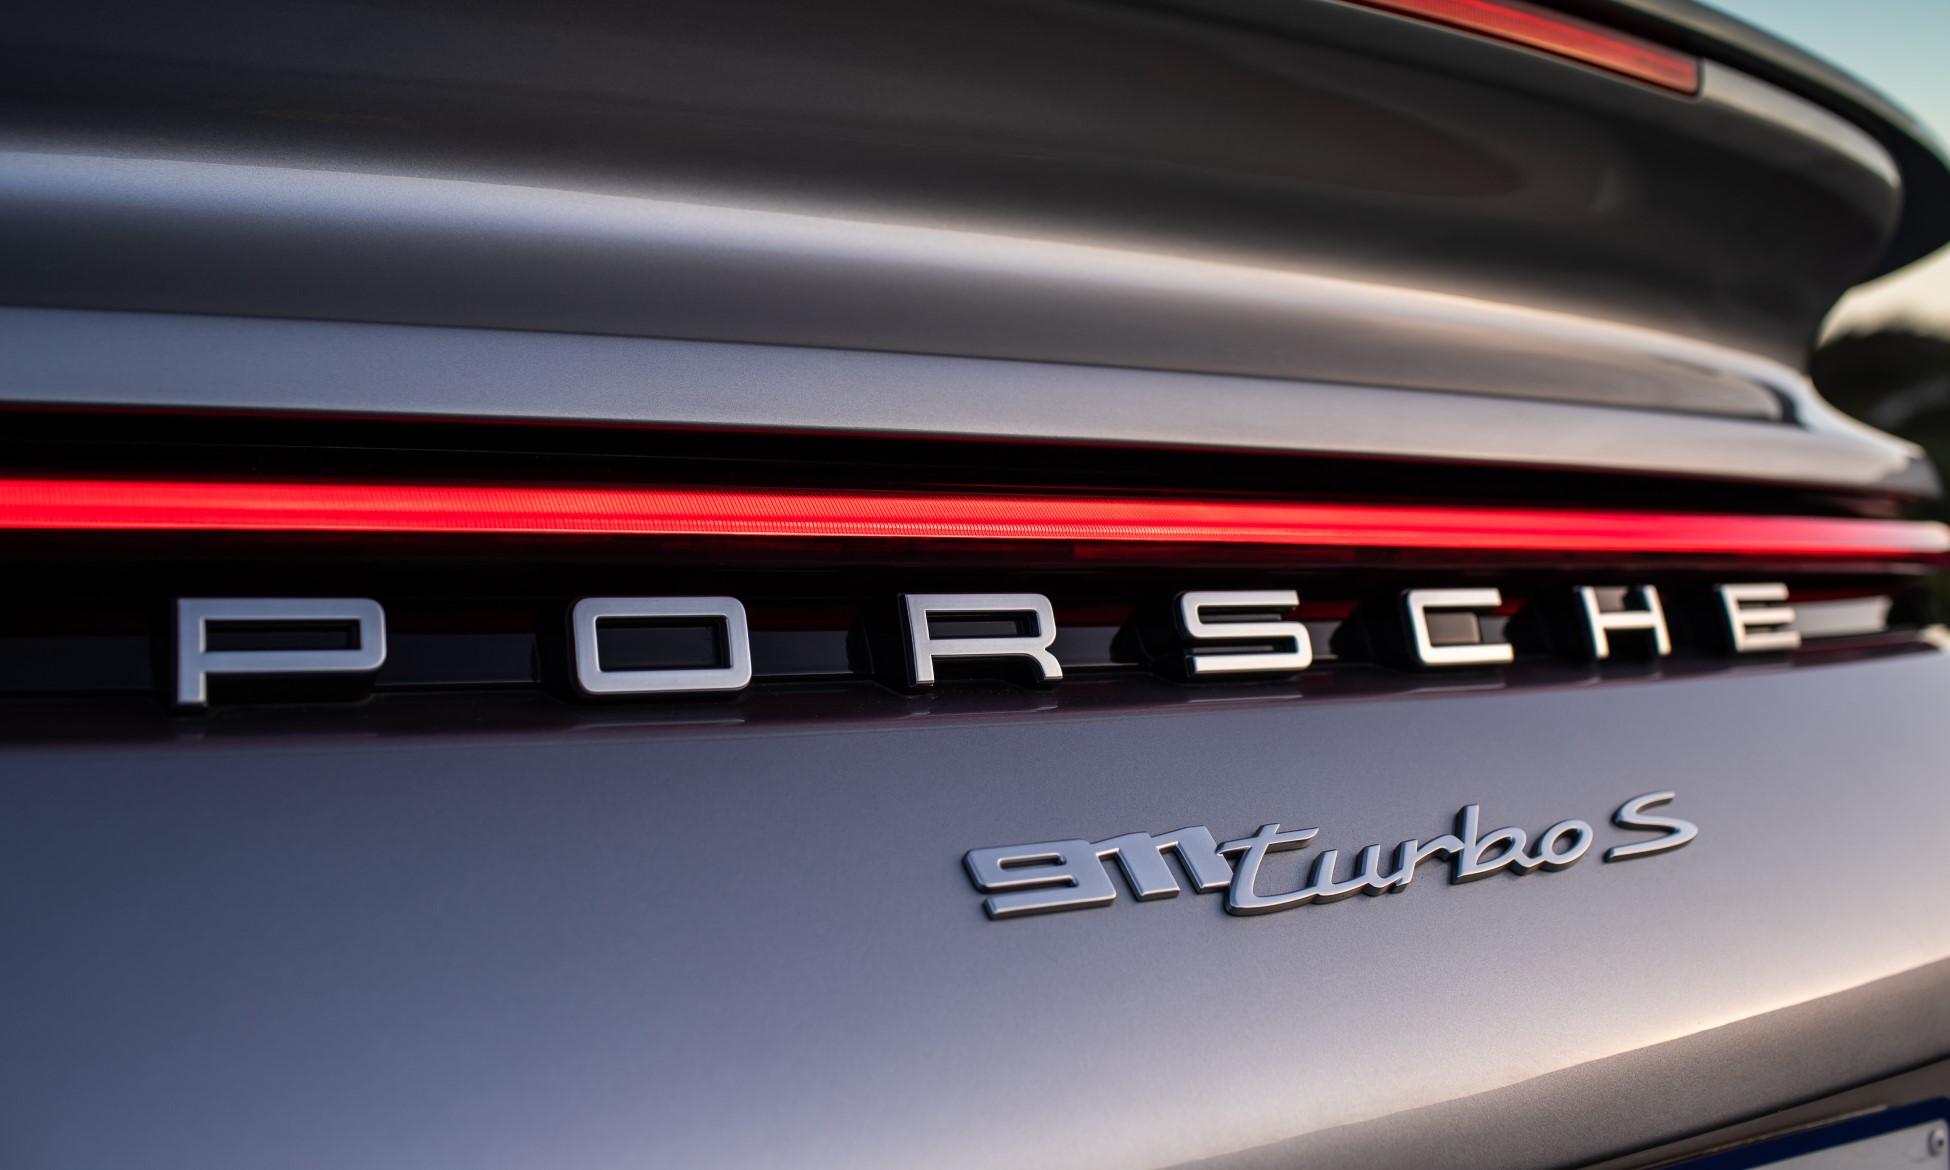 Porsche 911 Turbo S badge